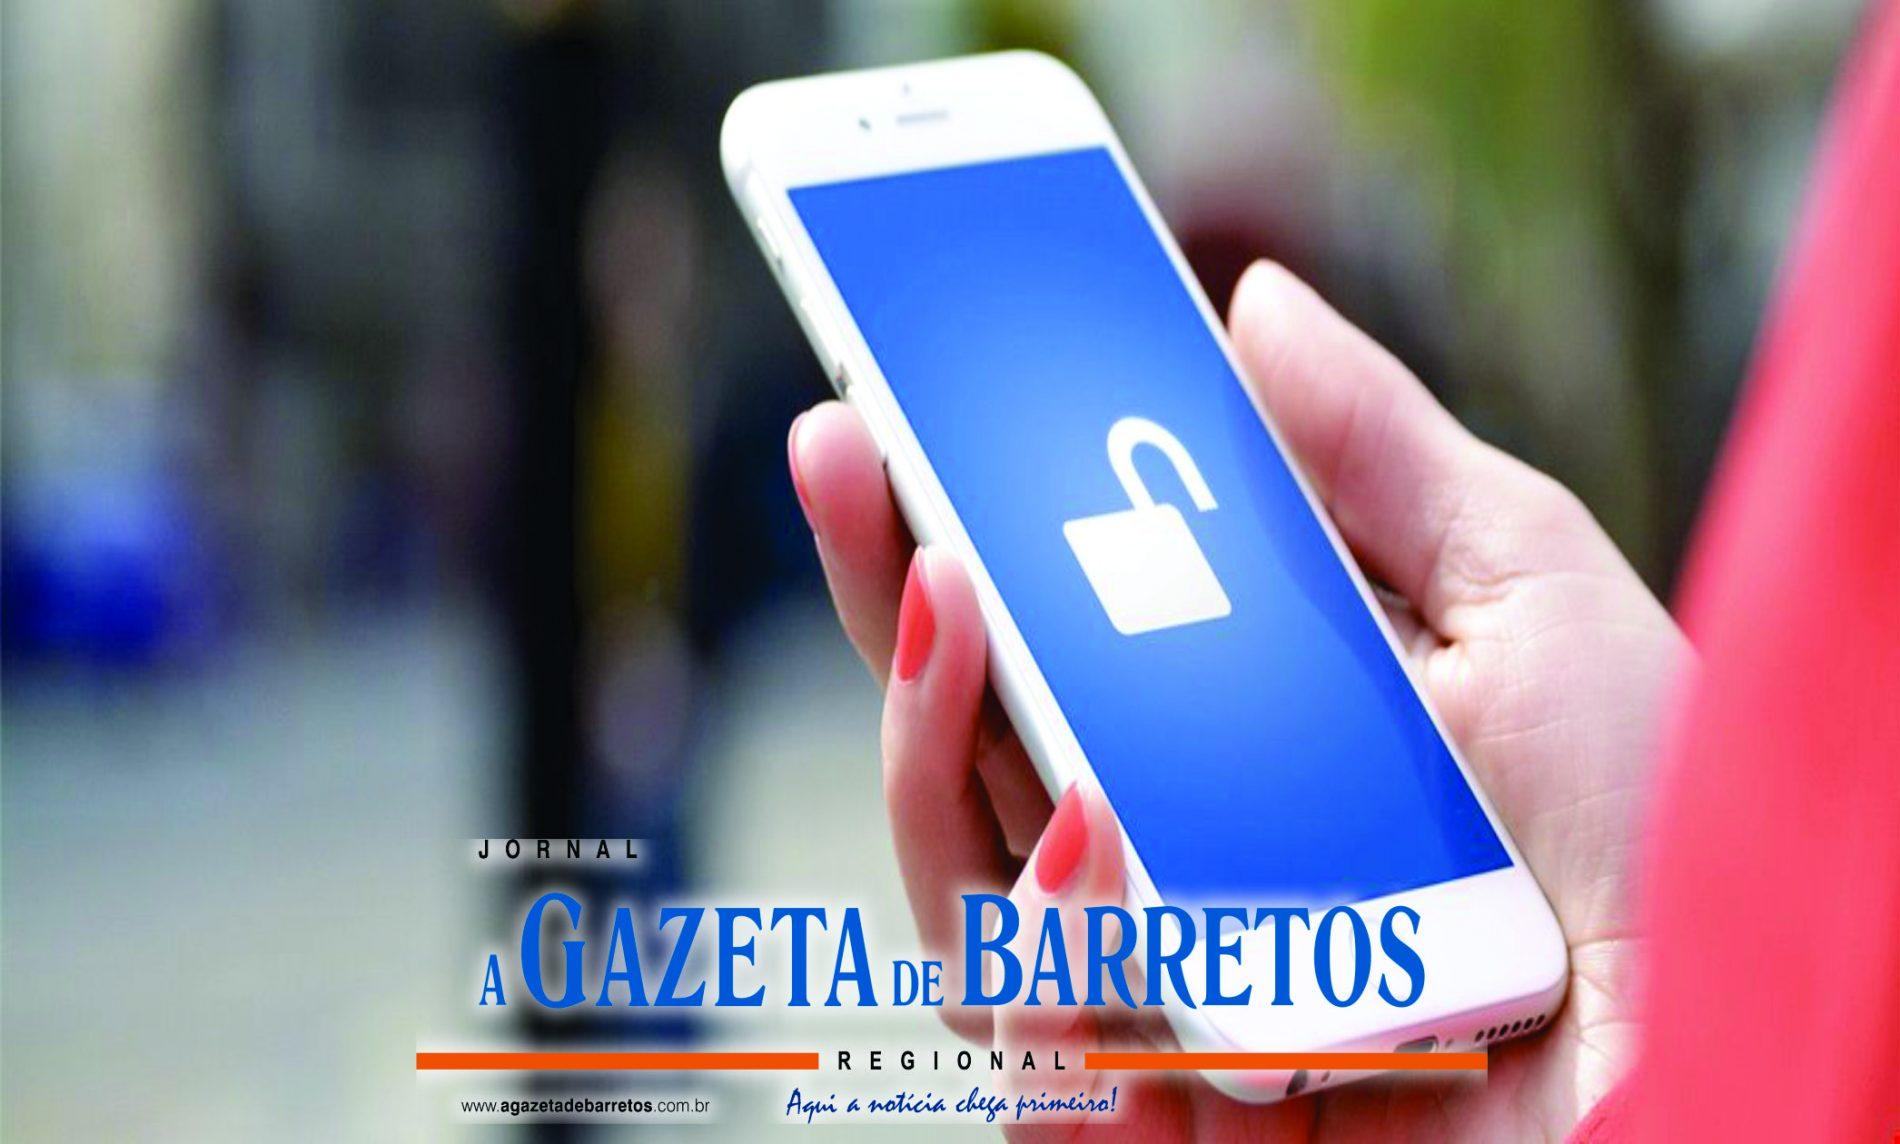 BARRETOS: Vendedor cai em golpe na compra de celular e perde R$1.300,00